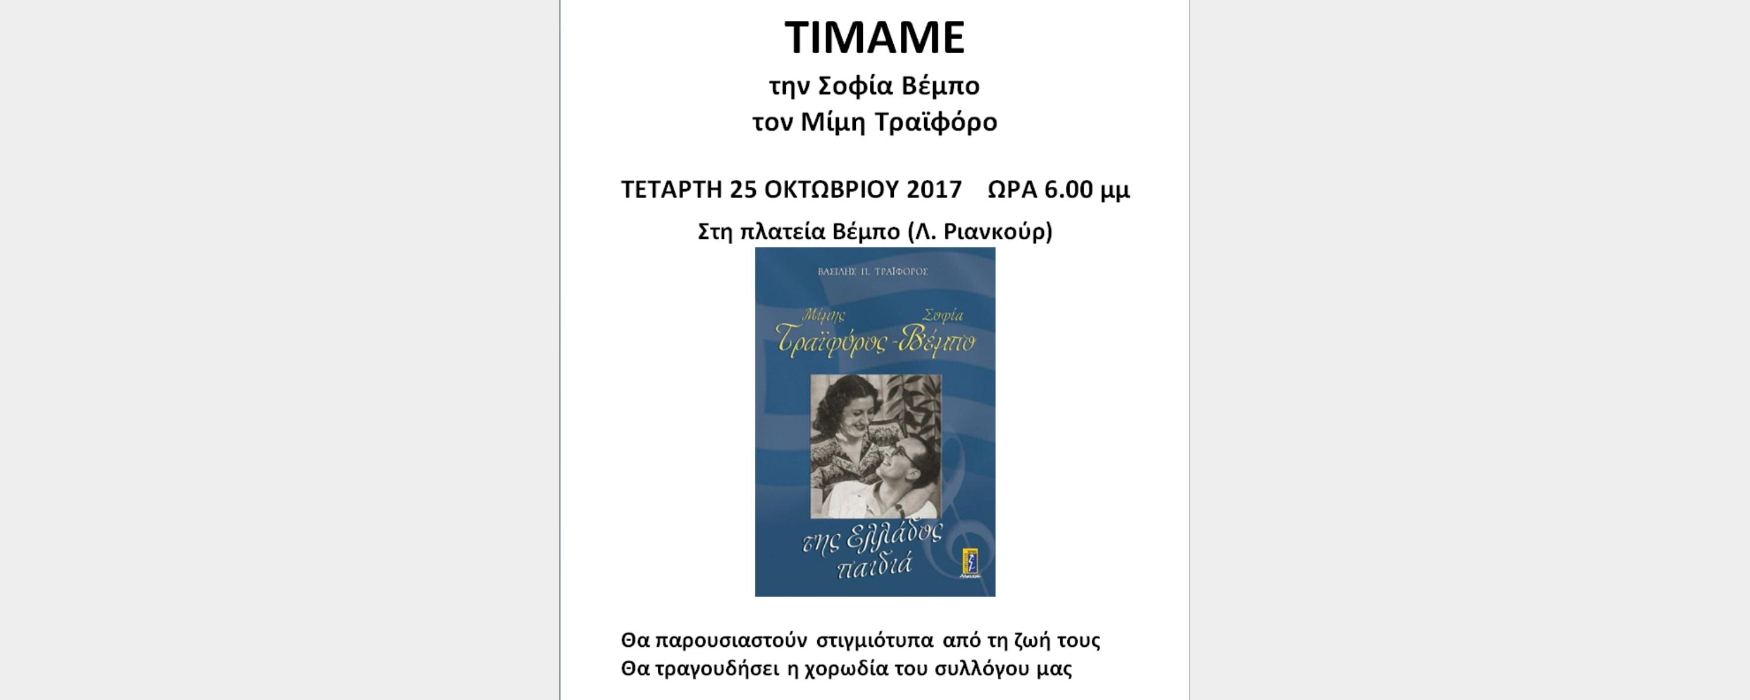 timame-vembo